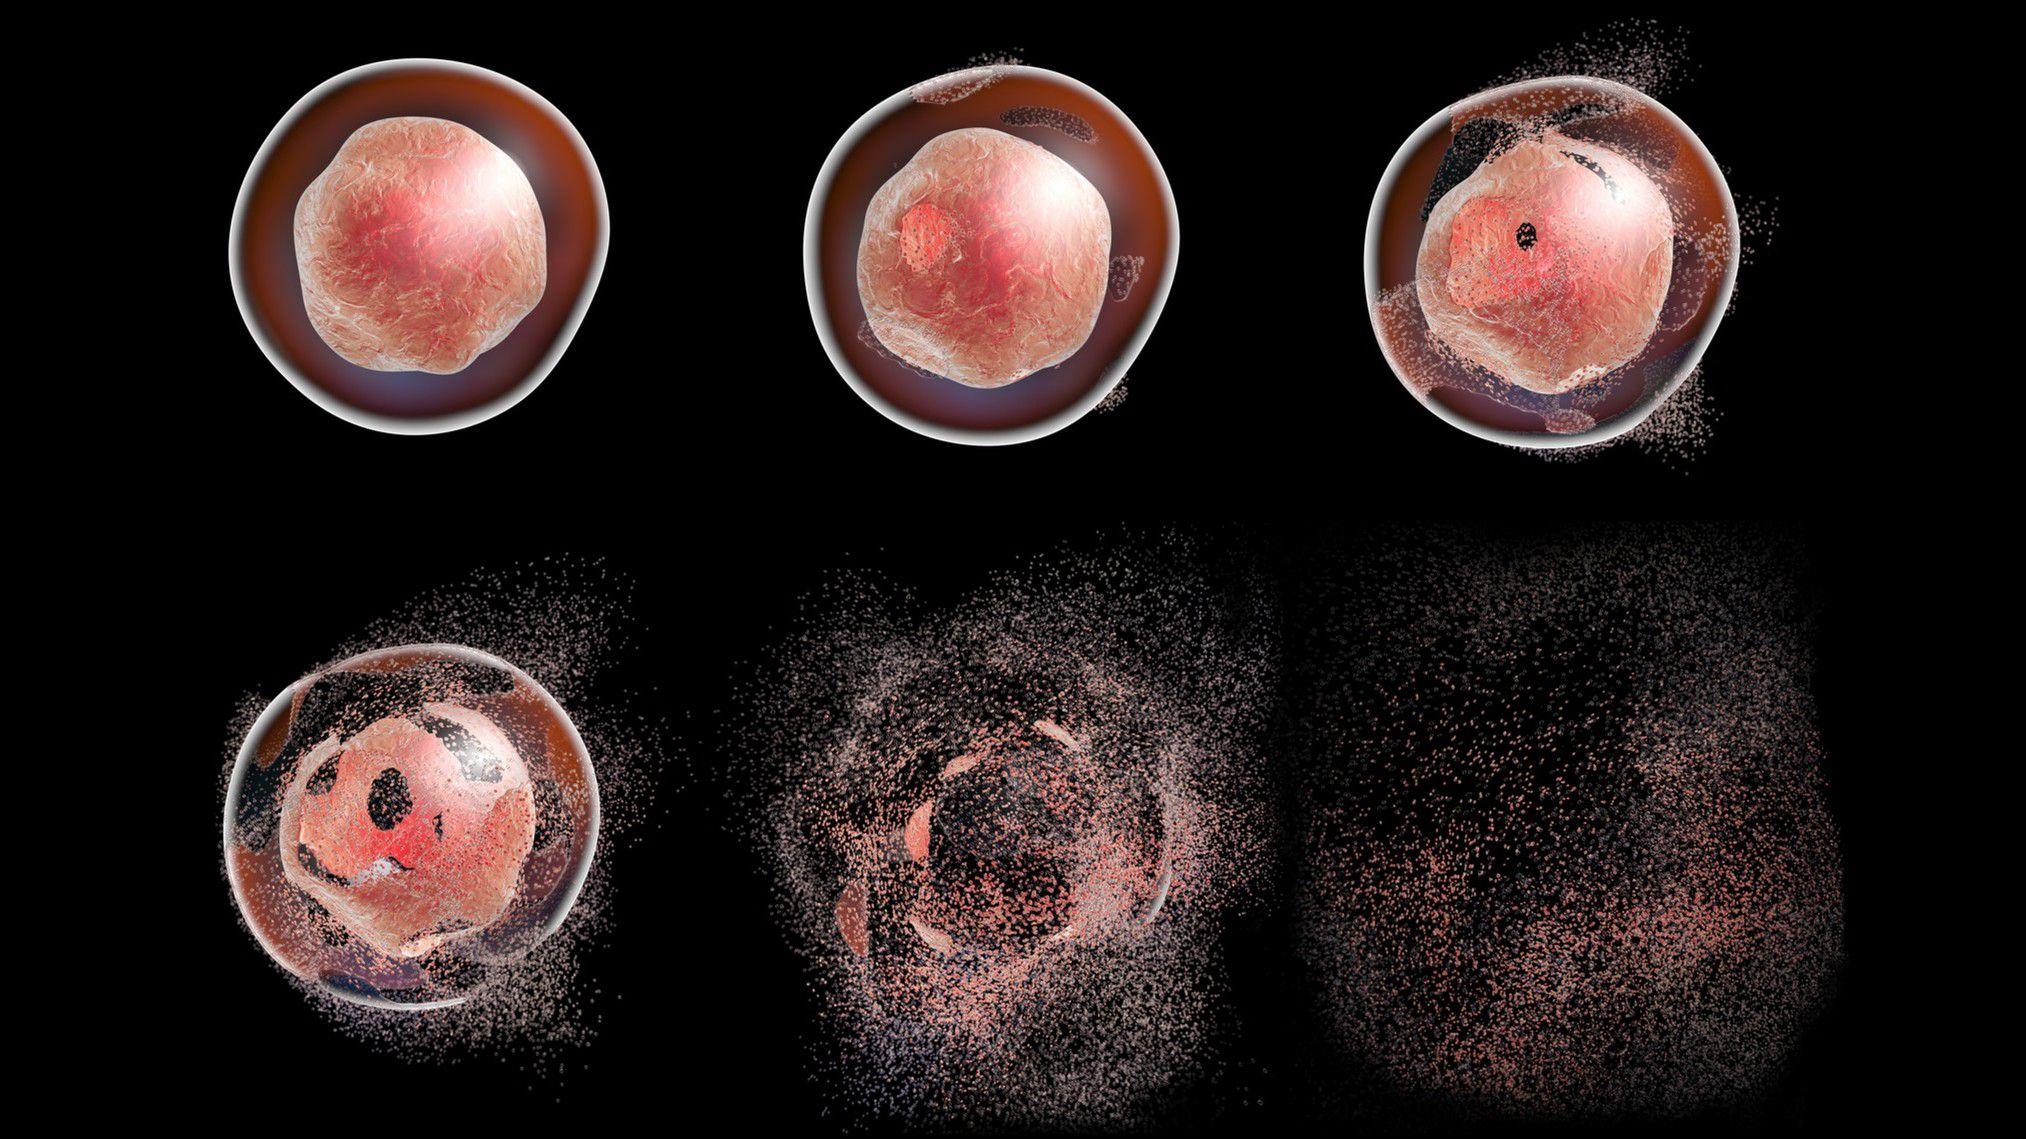 Hücre Ölümü Mekanizmaları: Programlı Hücre Ölümü (Apoptosis, Apoptoz) Nedir? Hücre/Doku Ölümü (Nekroz)